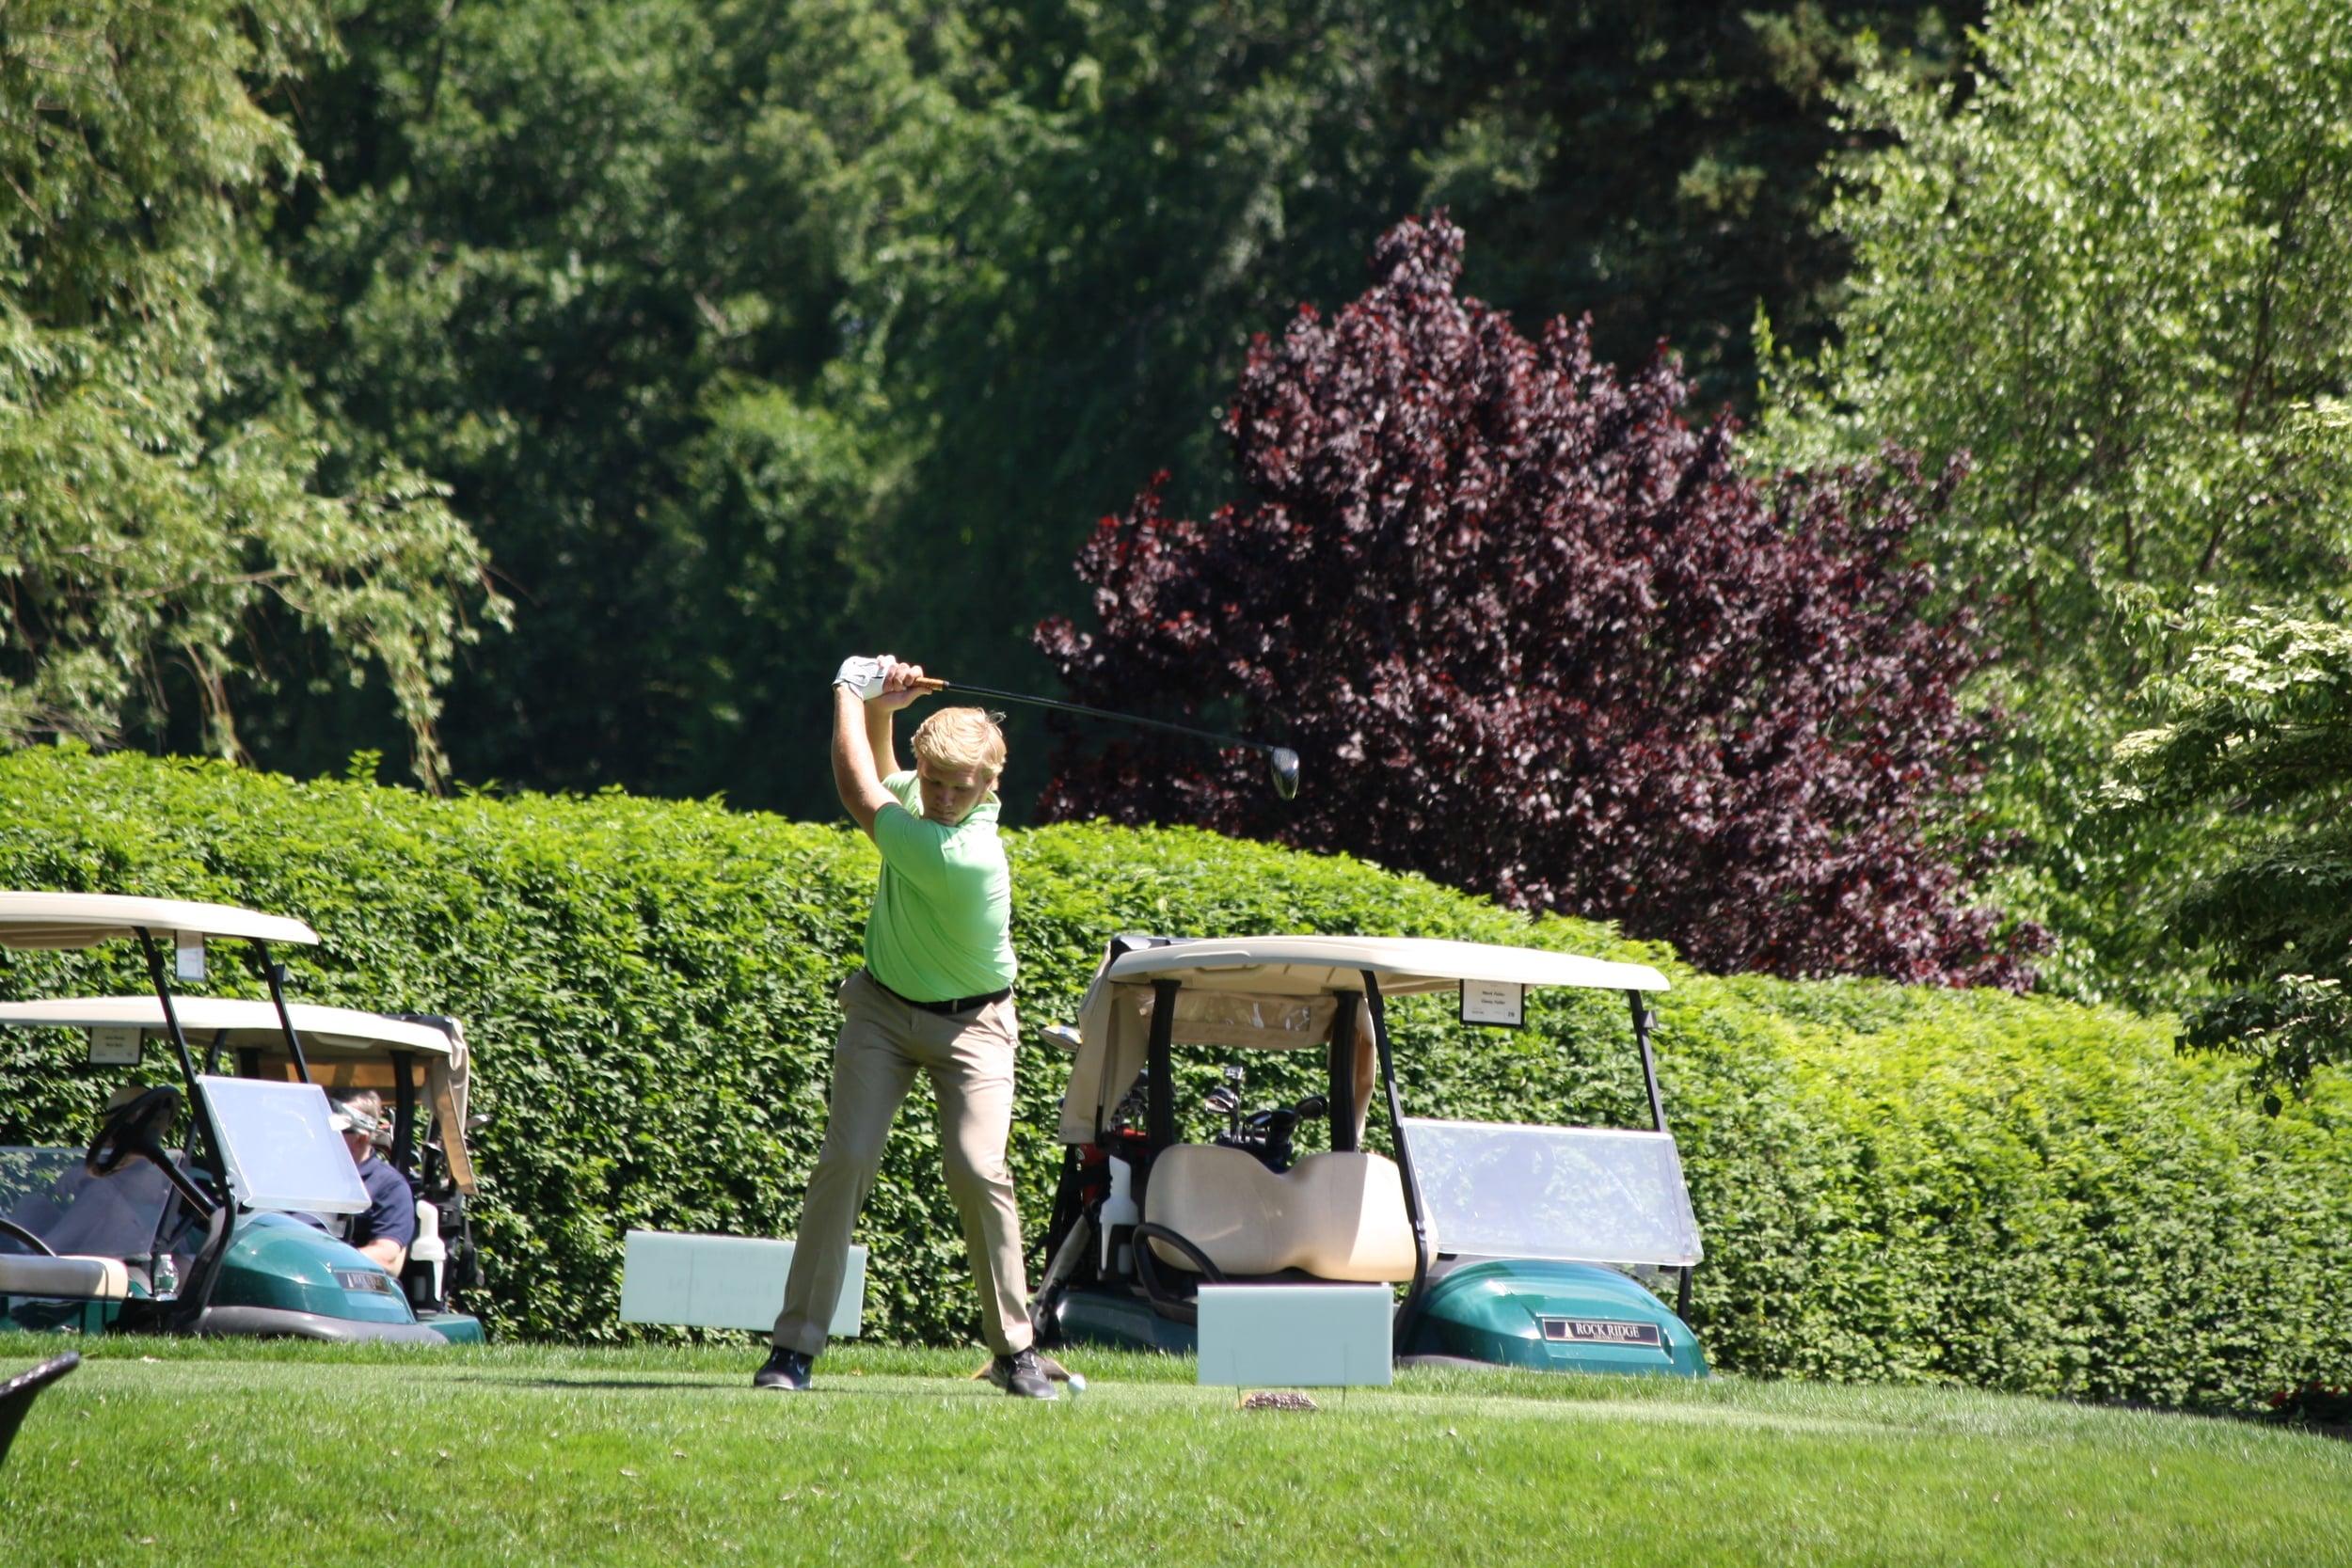 061614 rrcc golf casey fuller 5386.JPG